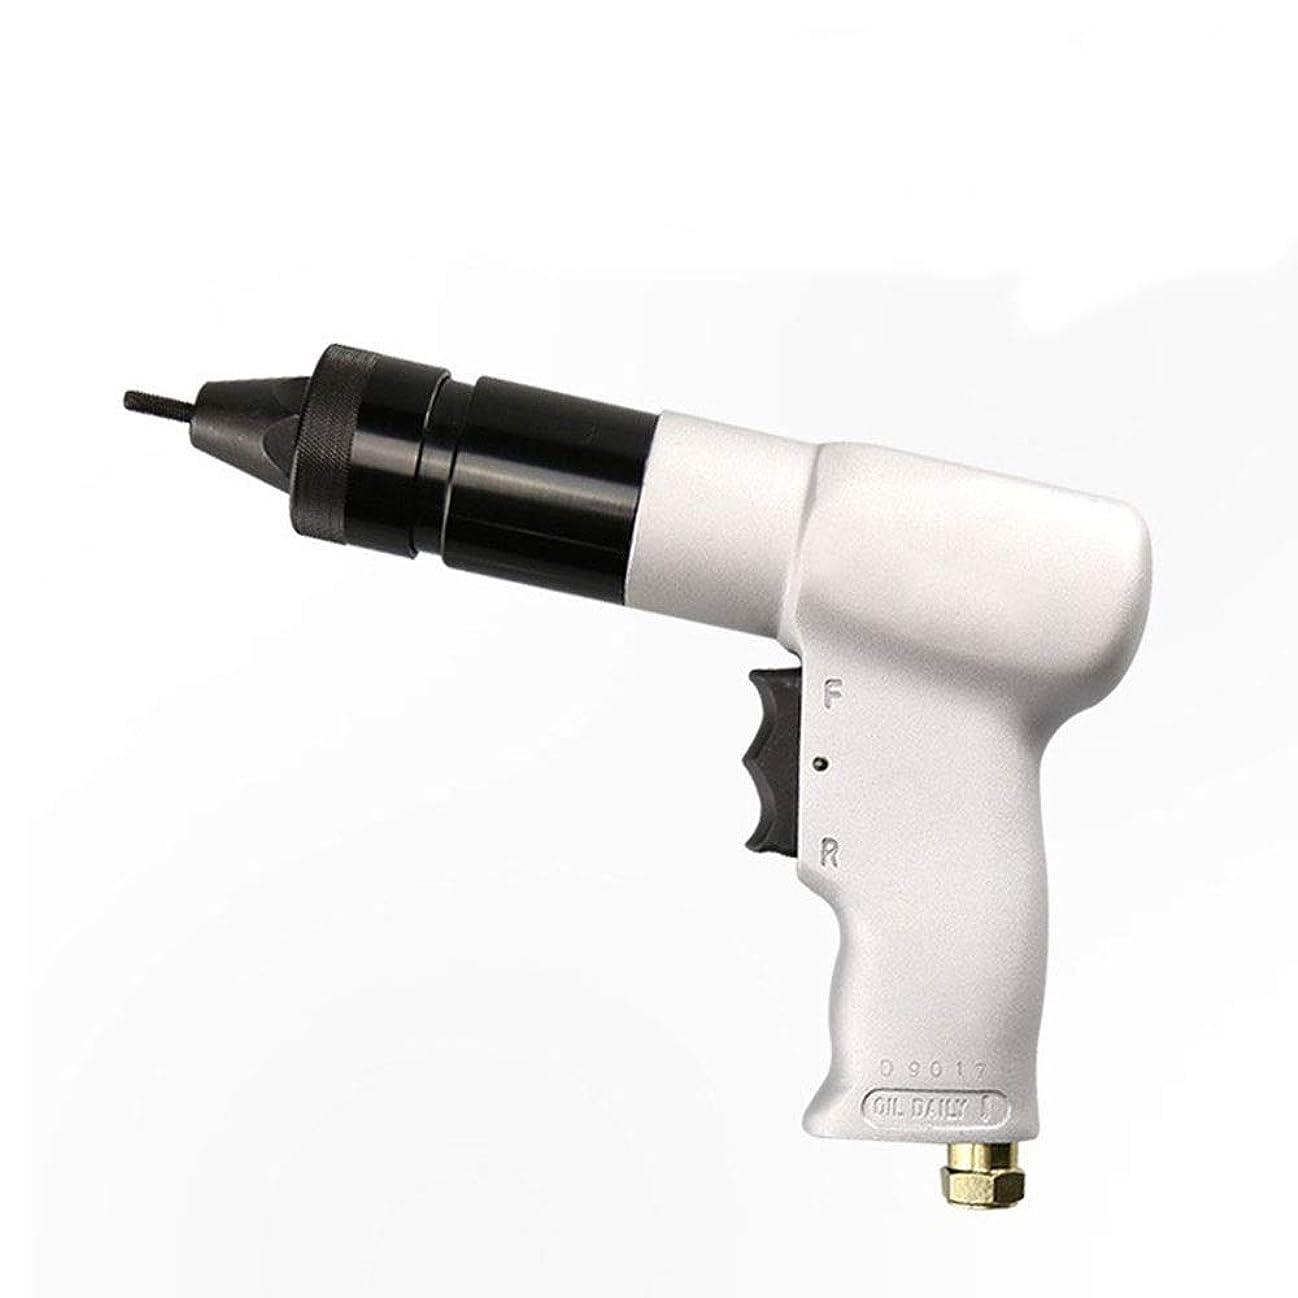 抵抗封筒教義エア工具 ハンドツール 空気圧リベットナットガン、空気圧リベットガン工業用グレードハンドツール